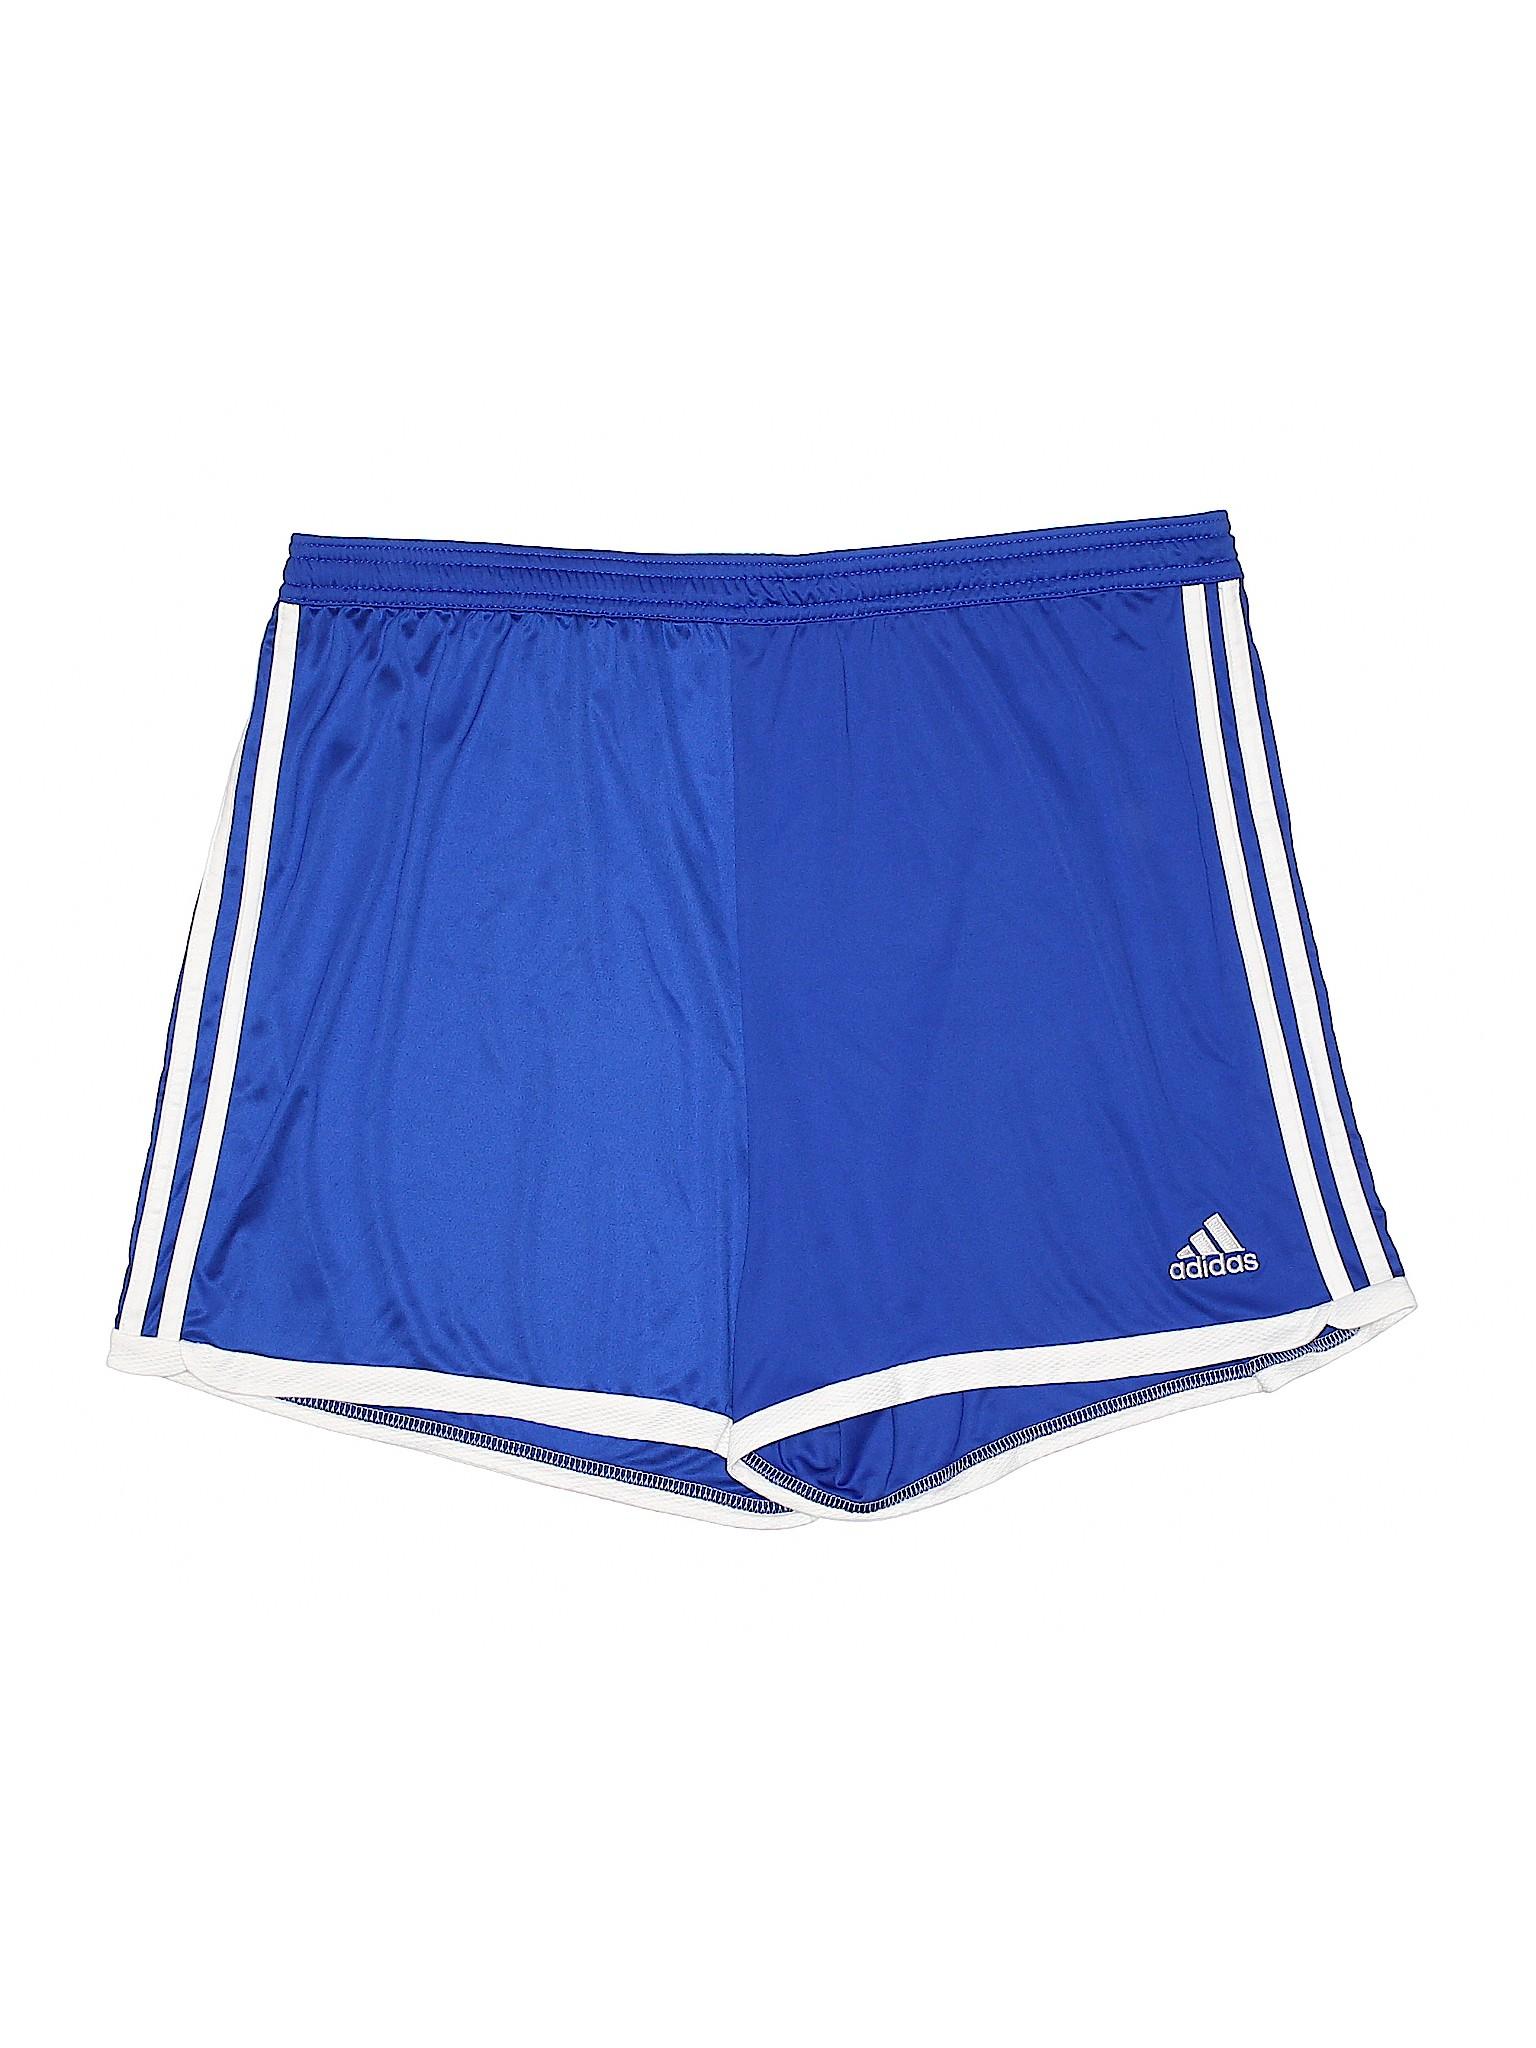 Adidas Shorts Boutique Athletic Shorts Adidas Boutique leisure Athletic leisure Rq7wfTR8d